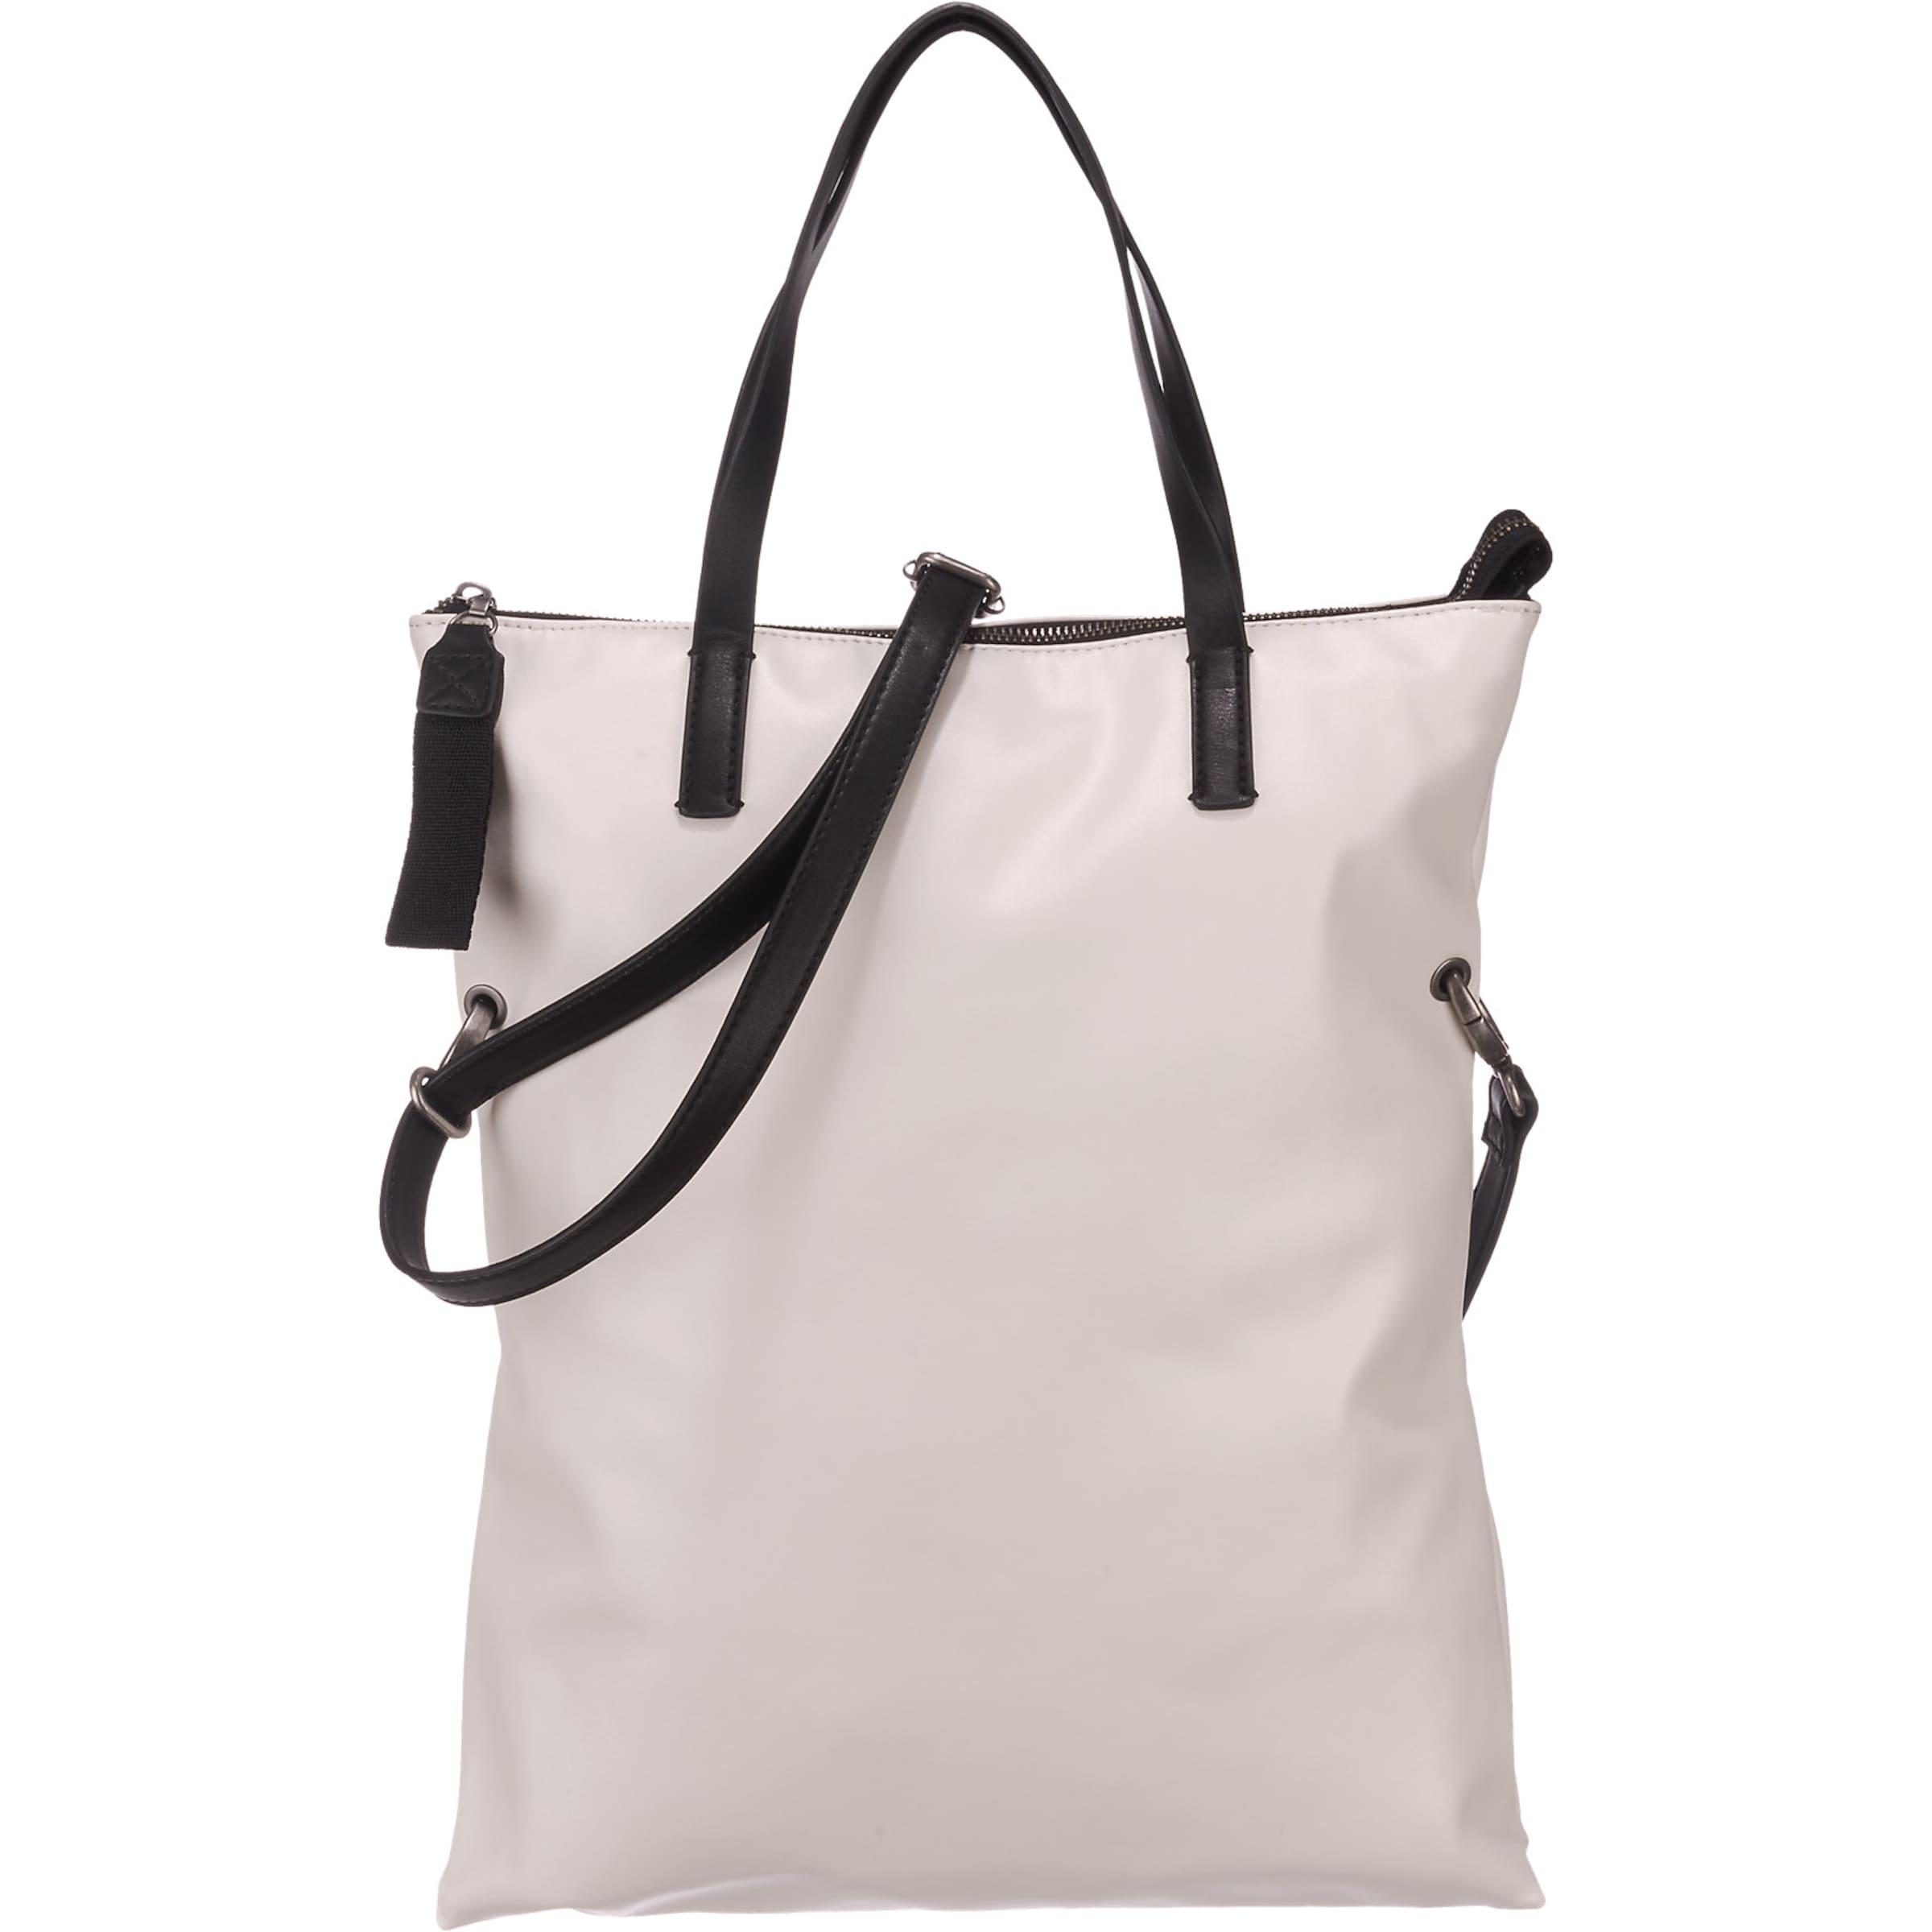 Outlet Neuesten Kollektionen ESPRIT Shopper Billig 100% Authentisch Verkauf Online-Shop XUrGkMpZp